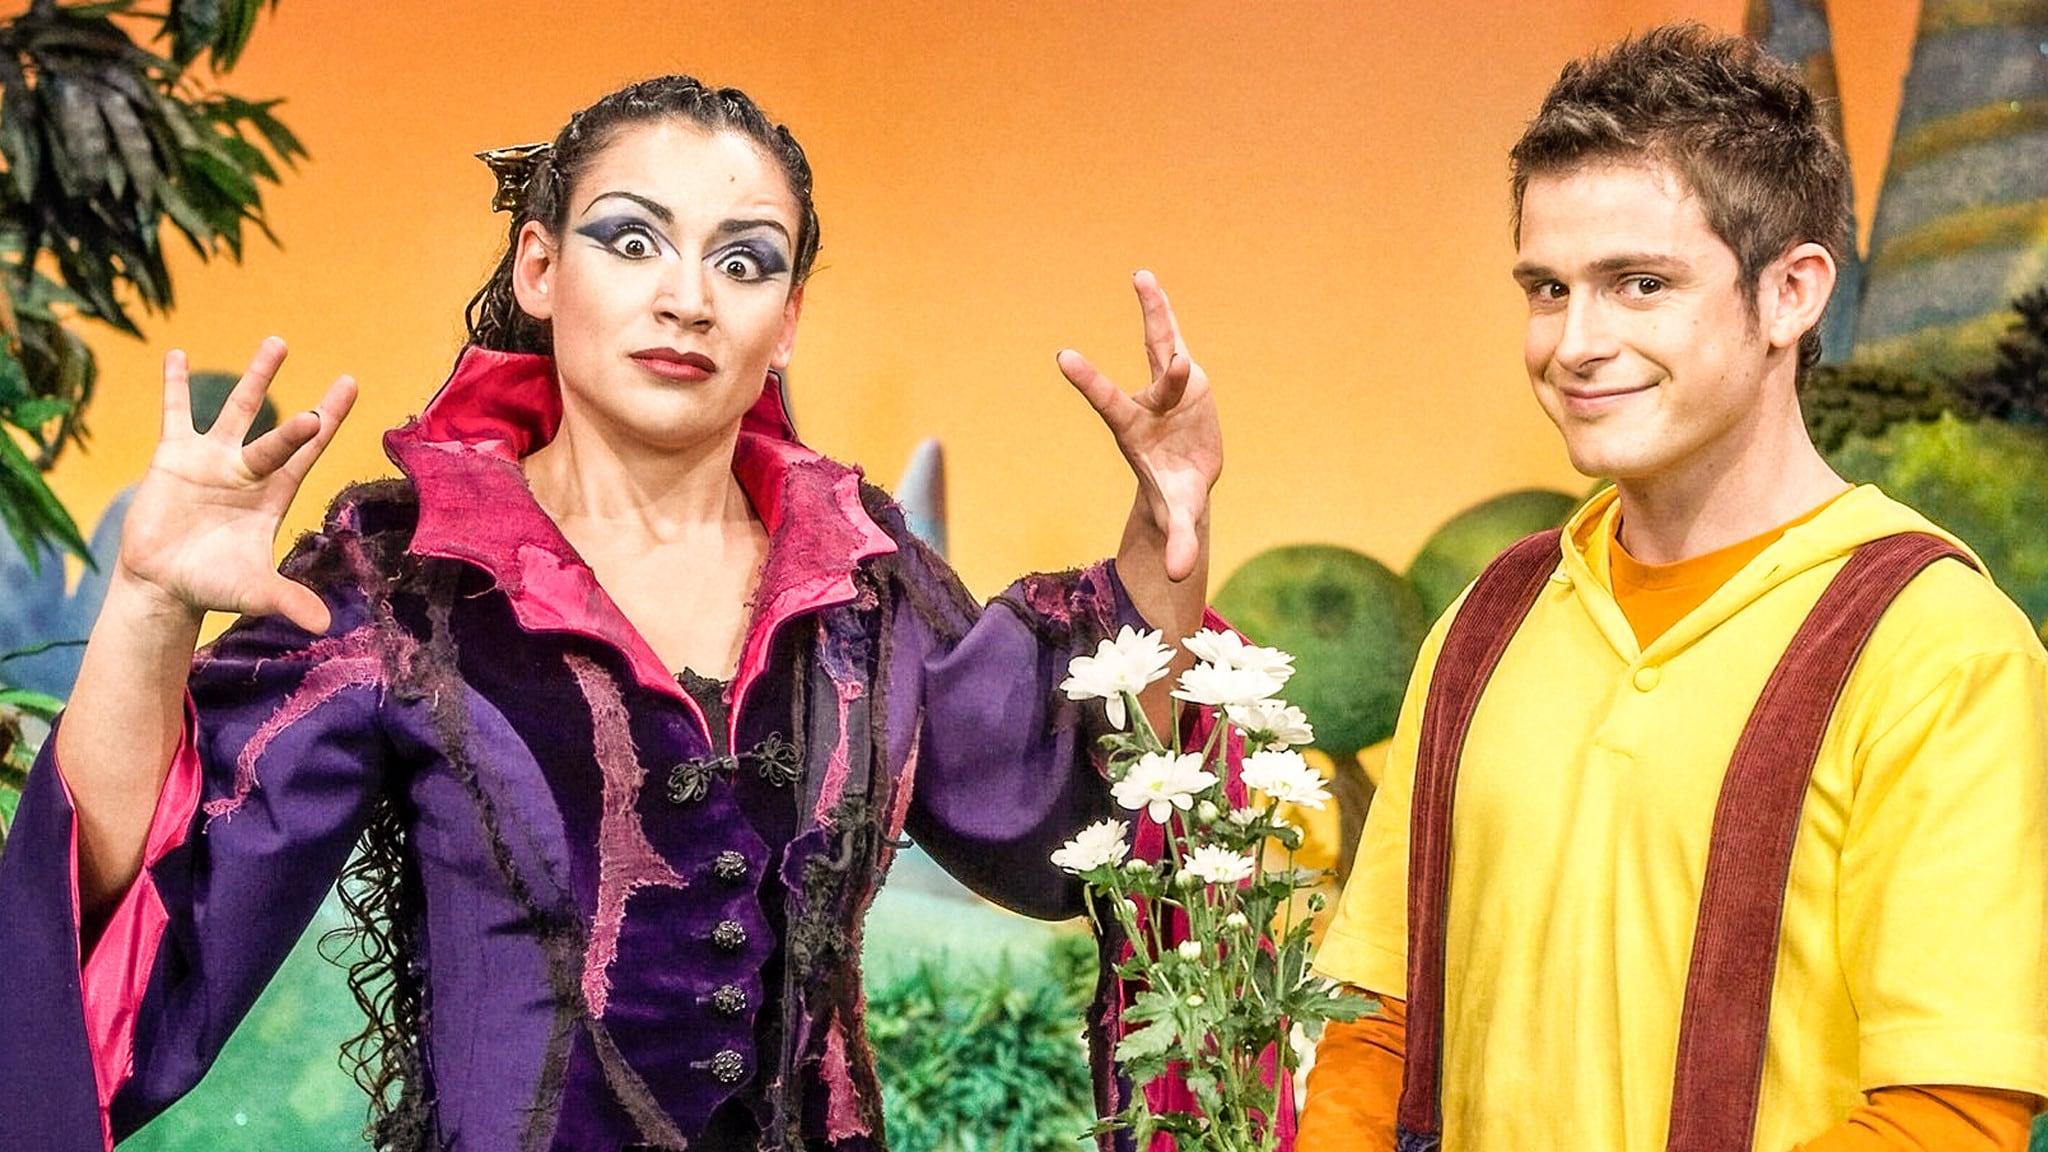 Rai Yoyo La Melevisione 2005 - E27